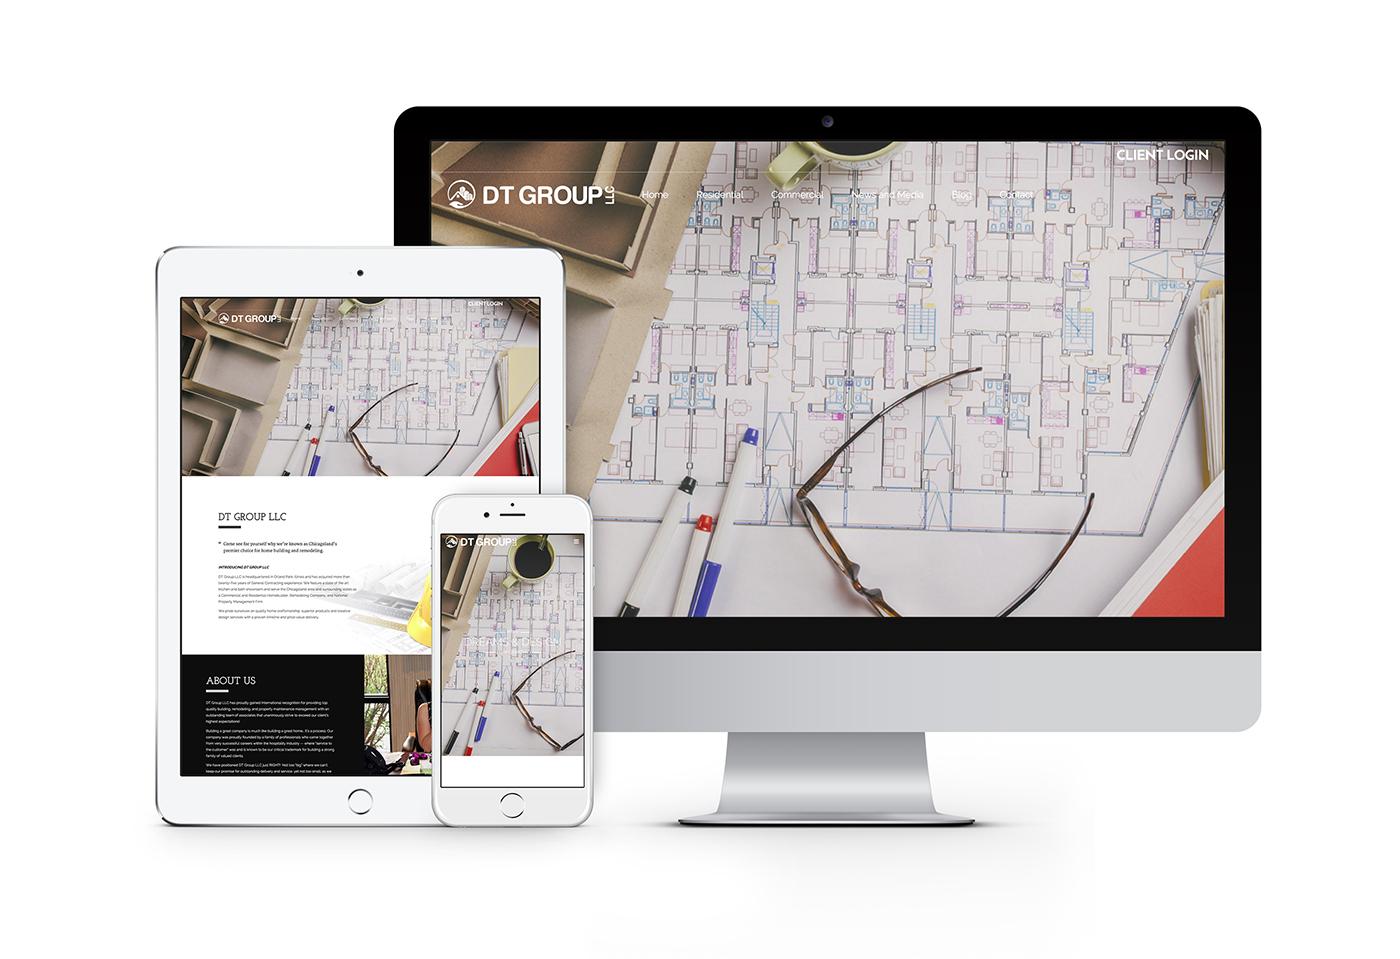 DT Group LLC website design